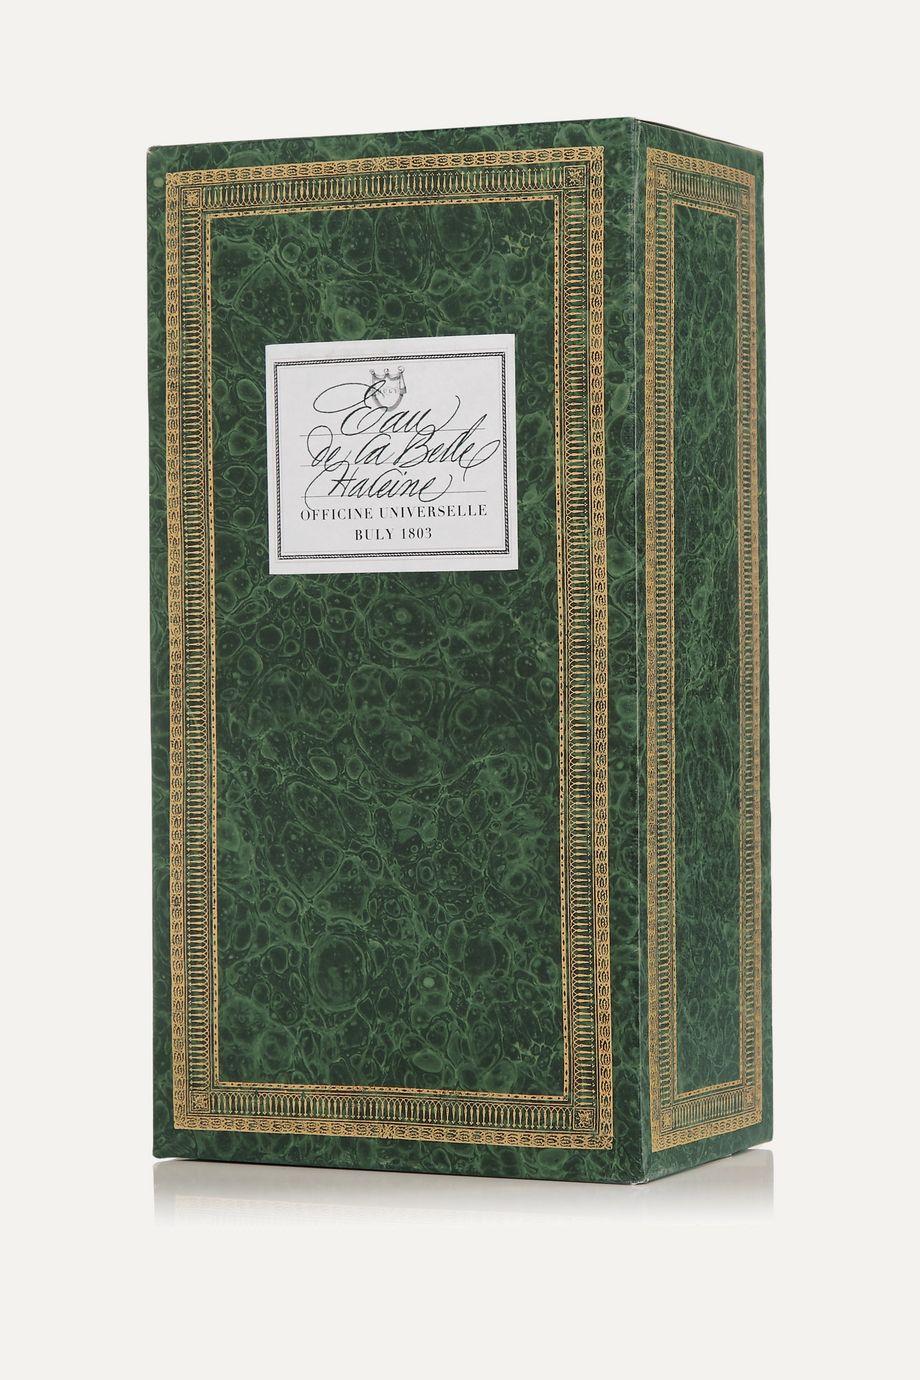 Buly 1803 Eau de la Belle Haleine Mouthwash, 220ml